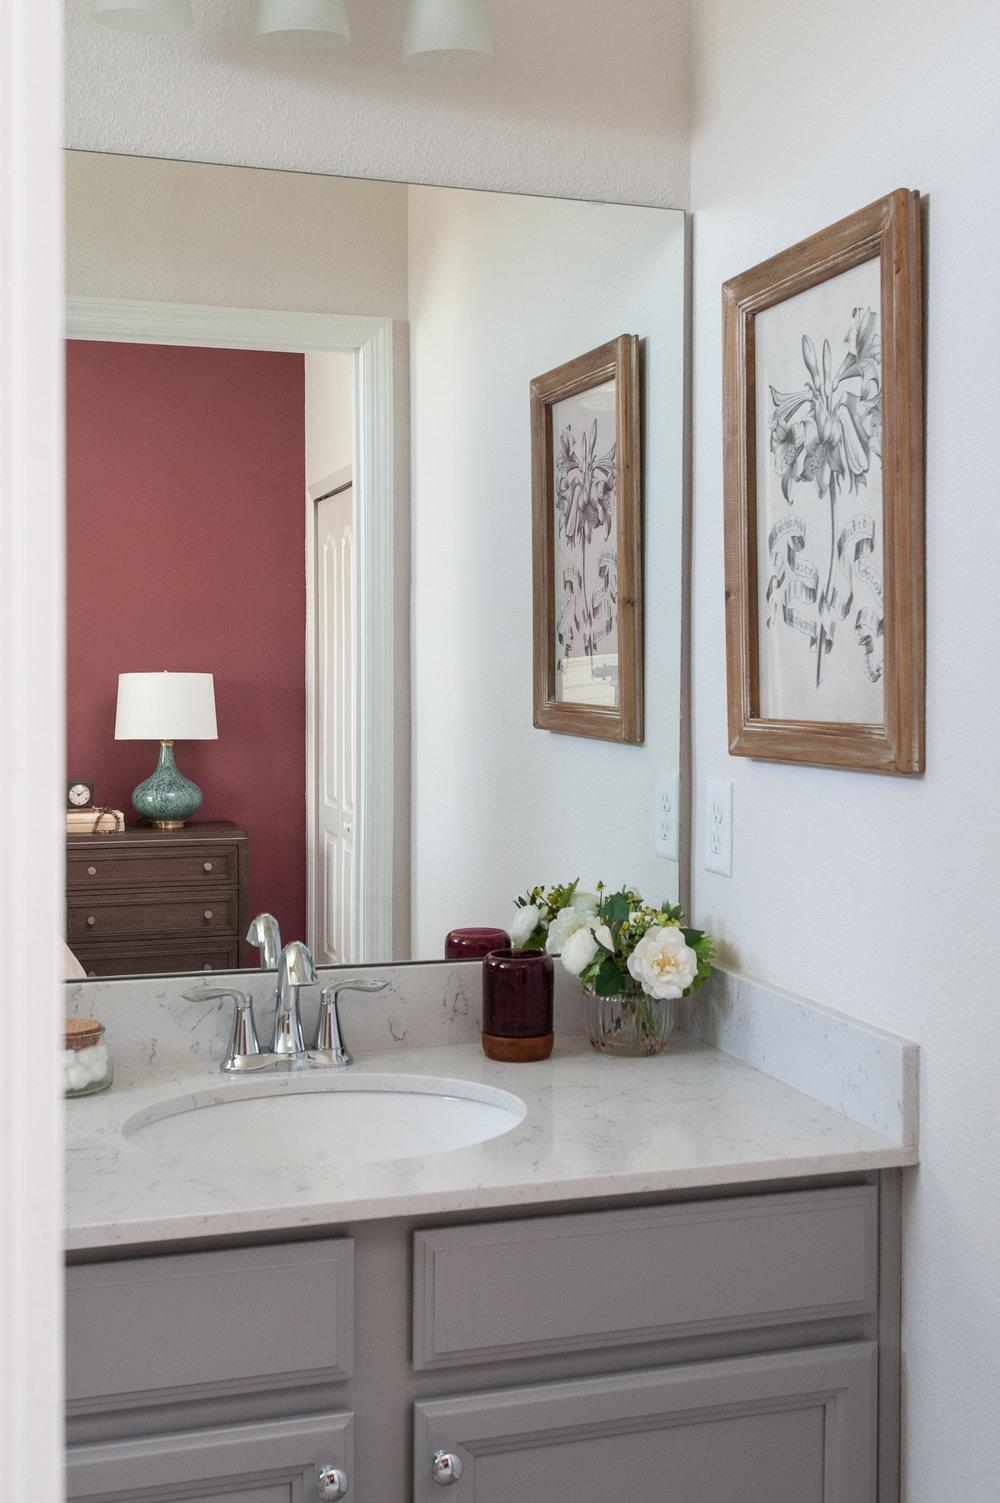 Micamy_Interior Designer_Design_Interior_Model_Merchandising_Guest Bathroom_Accent Wall_Uttemrost_UniversalFurniture_Schumacher_AmityBedding_Lennar_Blog.jpg